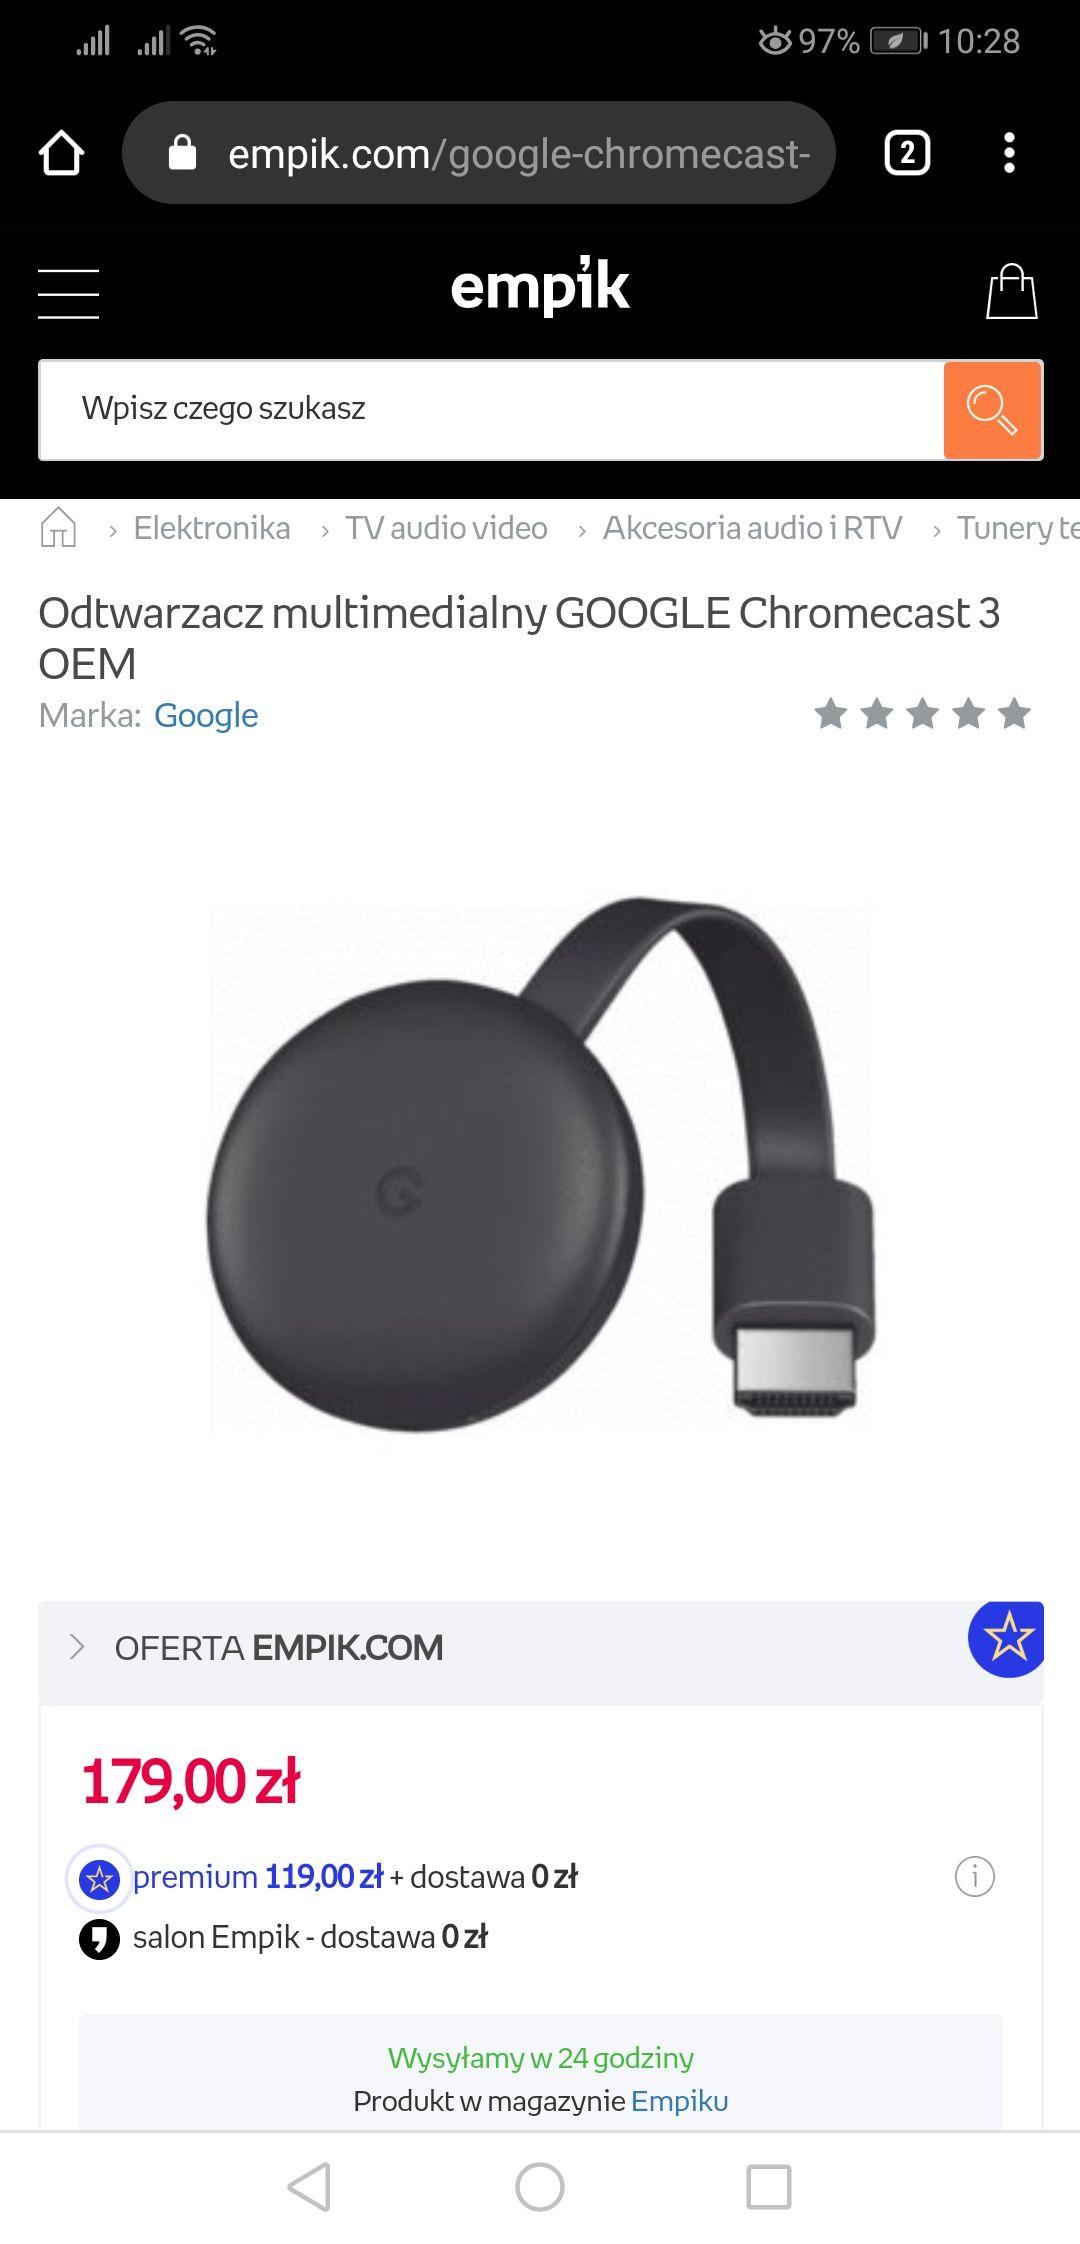 Chromecast bez pudelka OEM (119zł z premium empik)